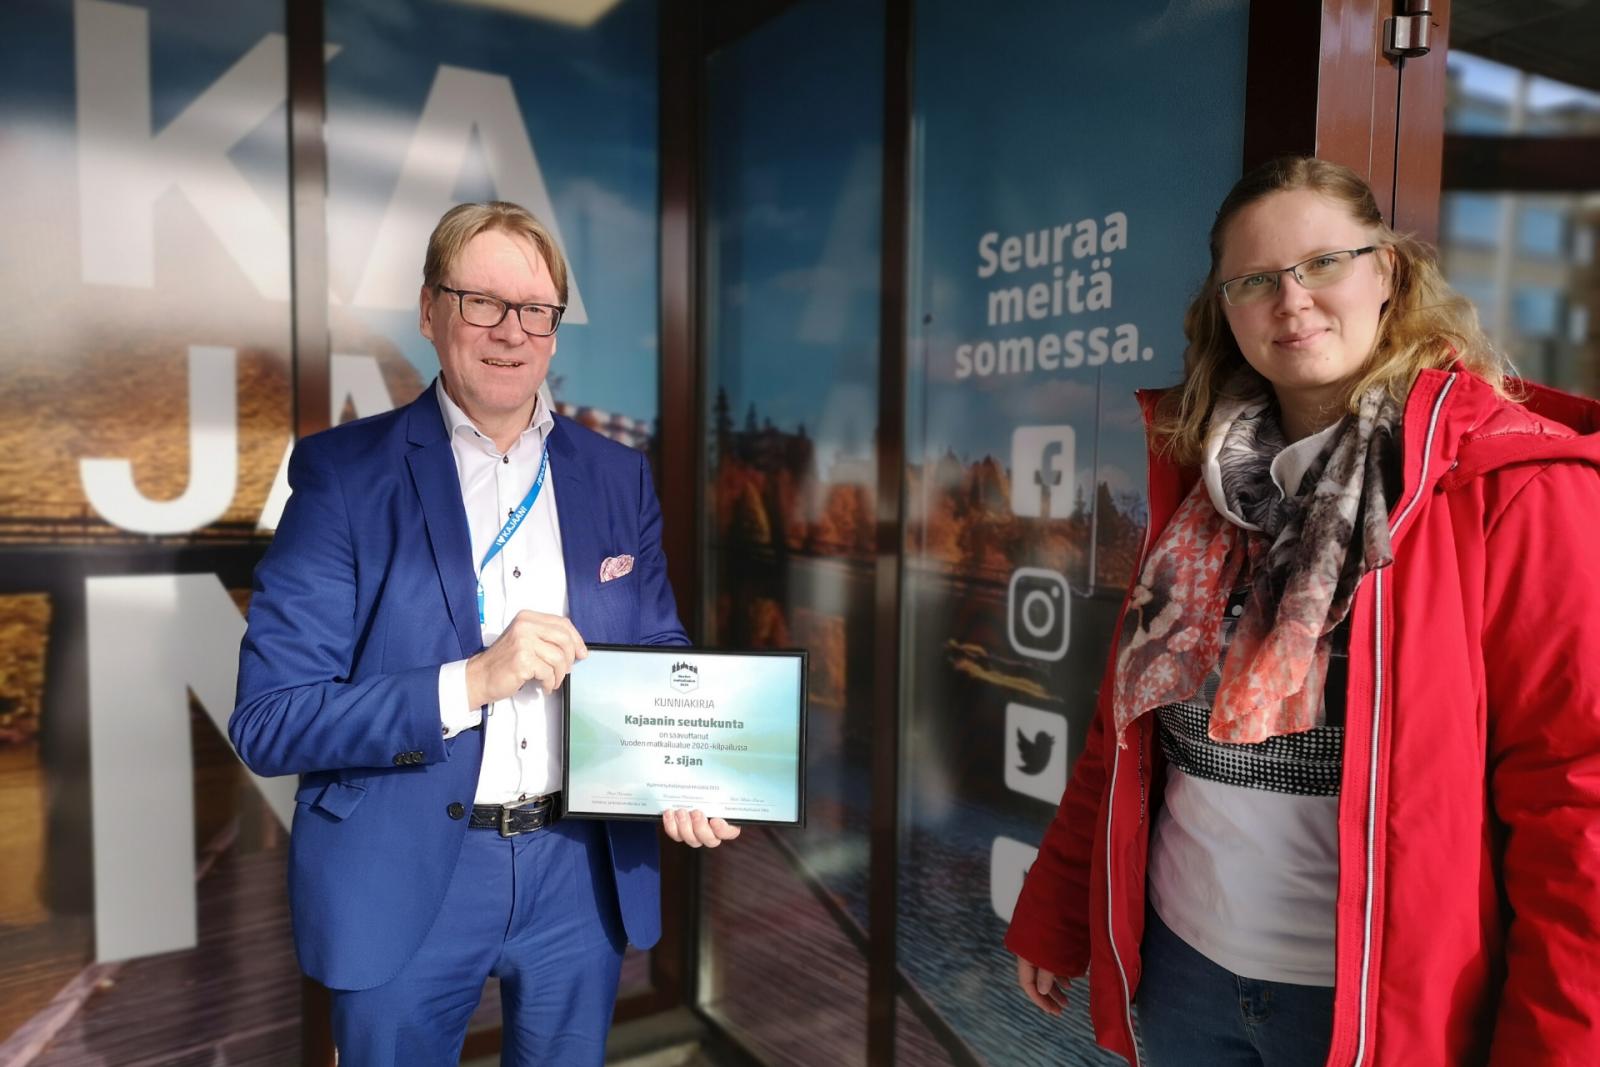 Kajaanin kaupunginjohtaja Jari Tolonen ottaa ilolla vastaan tunnustuksen vuoden seutukunnan toisesta sijasta